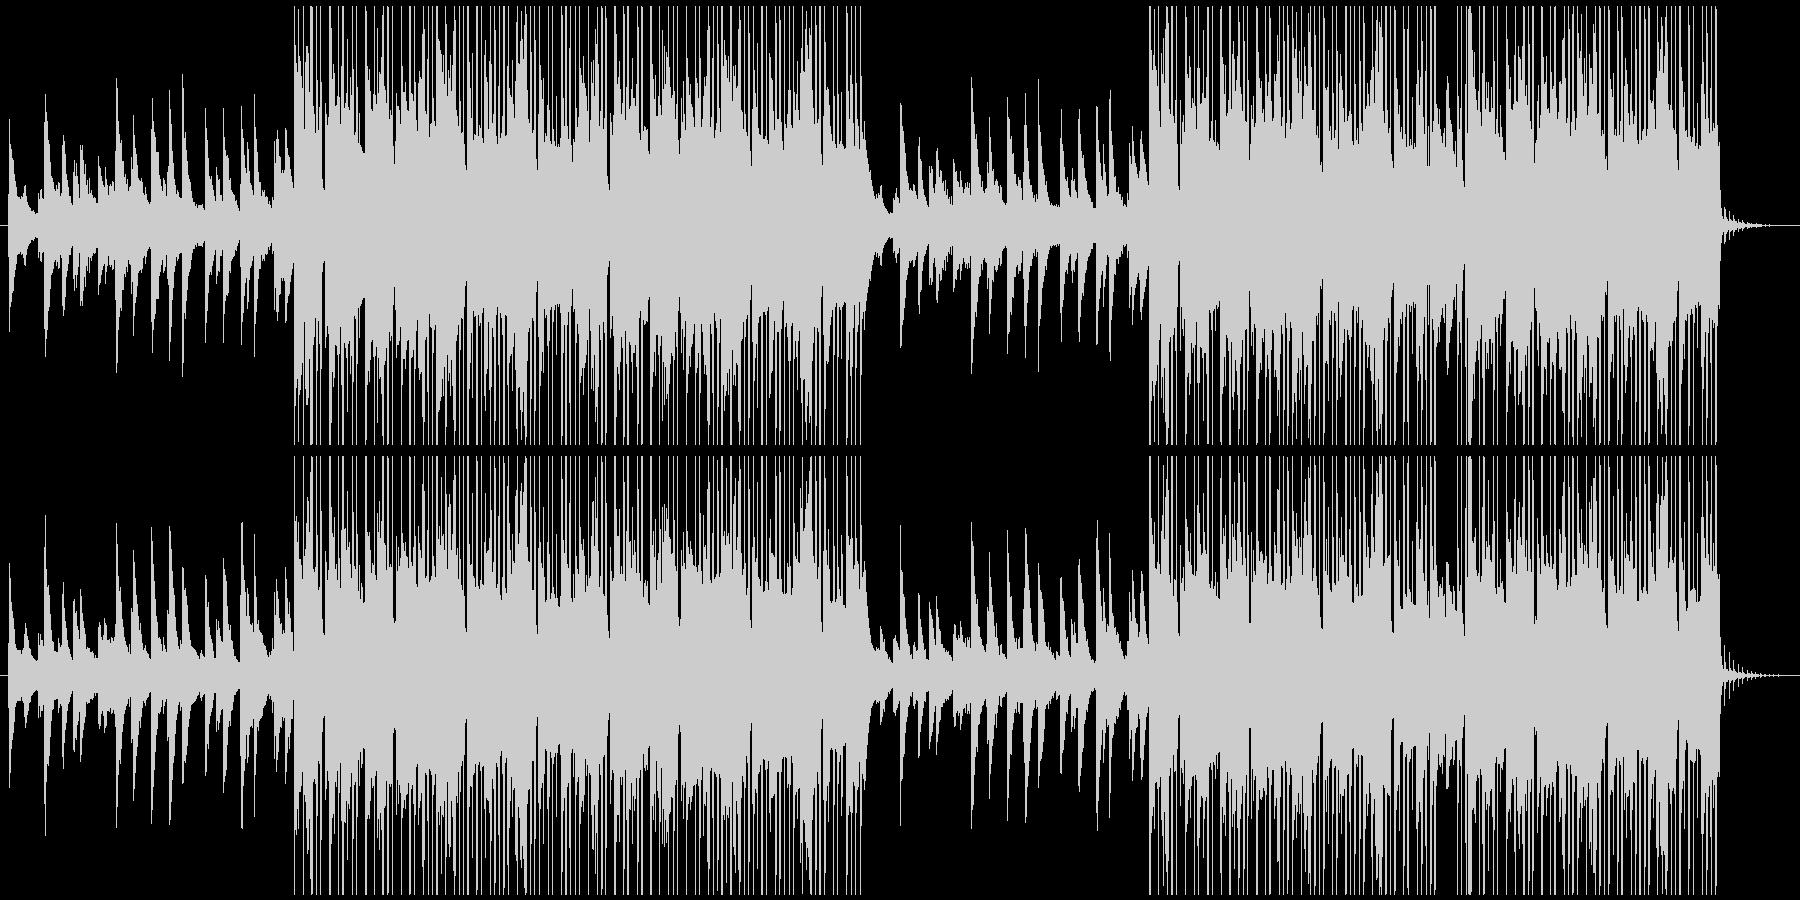 ピアノが特徴的なインストヒップホップの未再生の波形